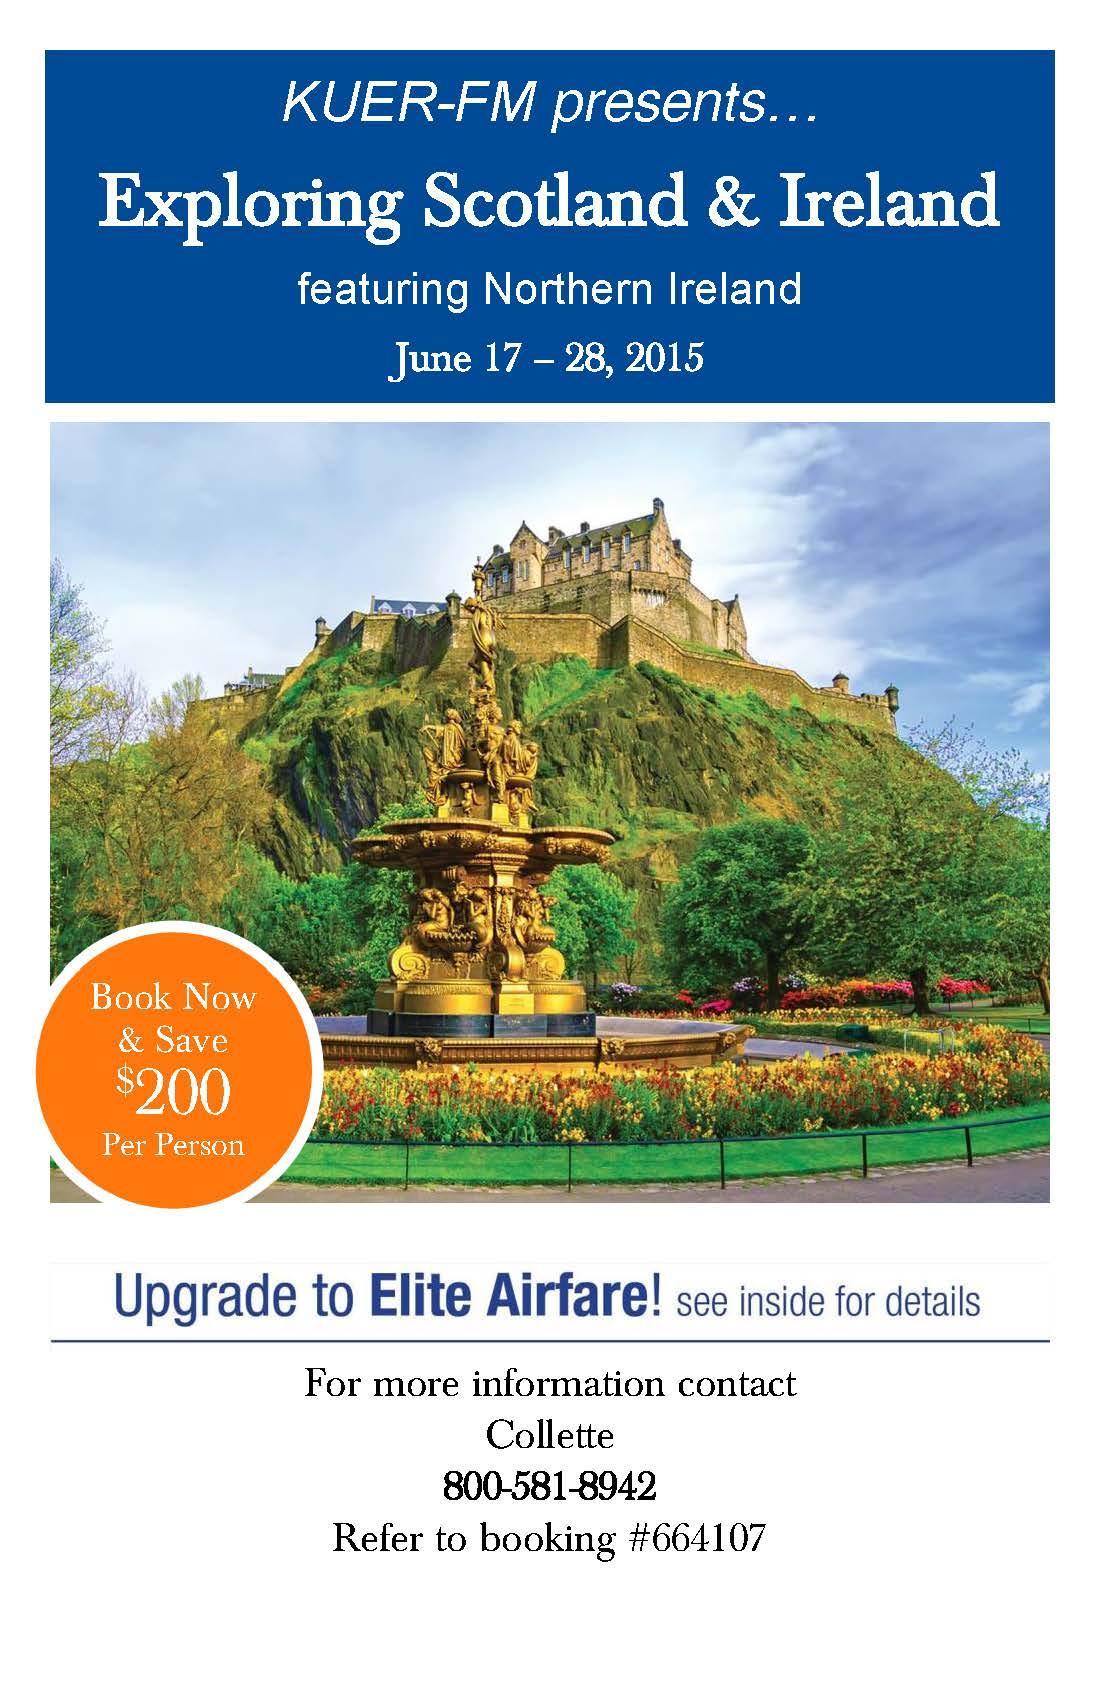 explore scotland ireland with kuer june 17 28 2015 kuer